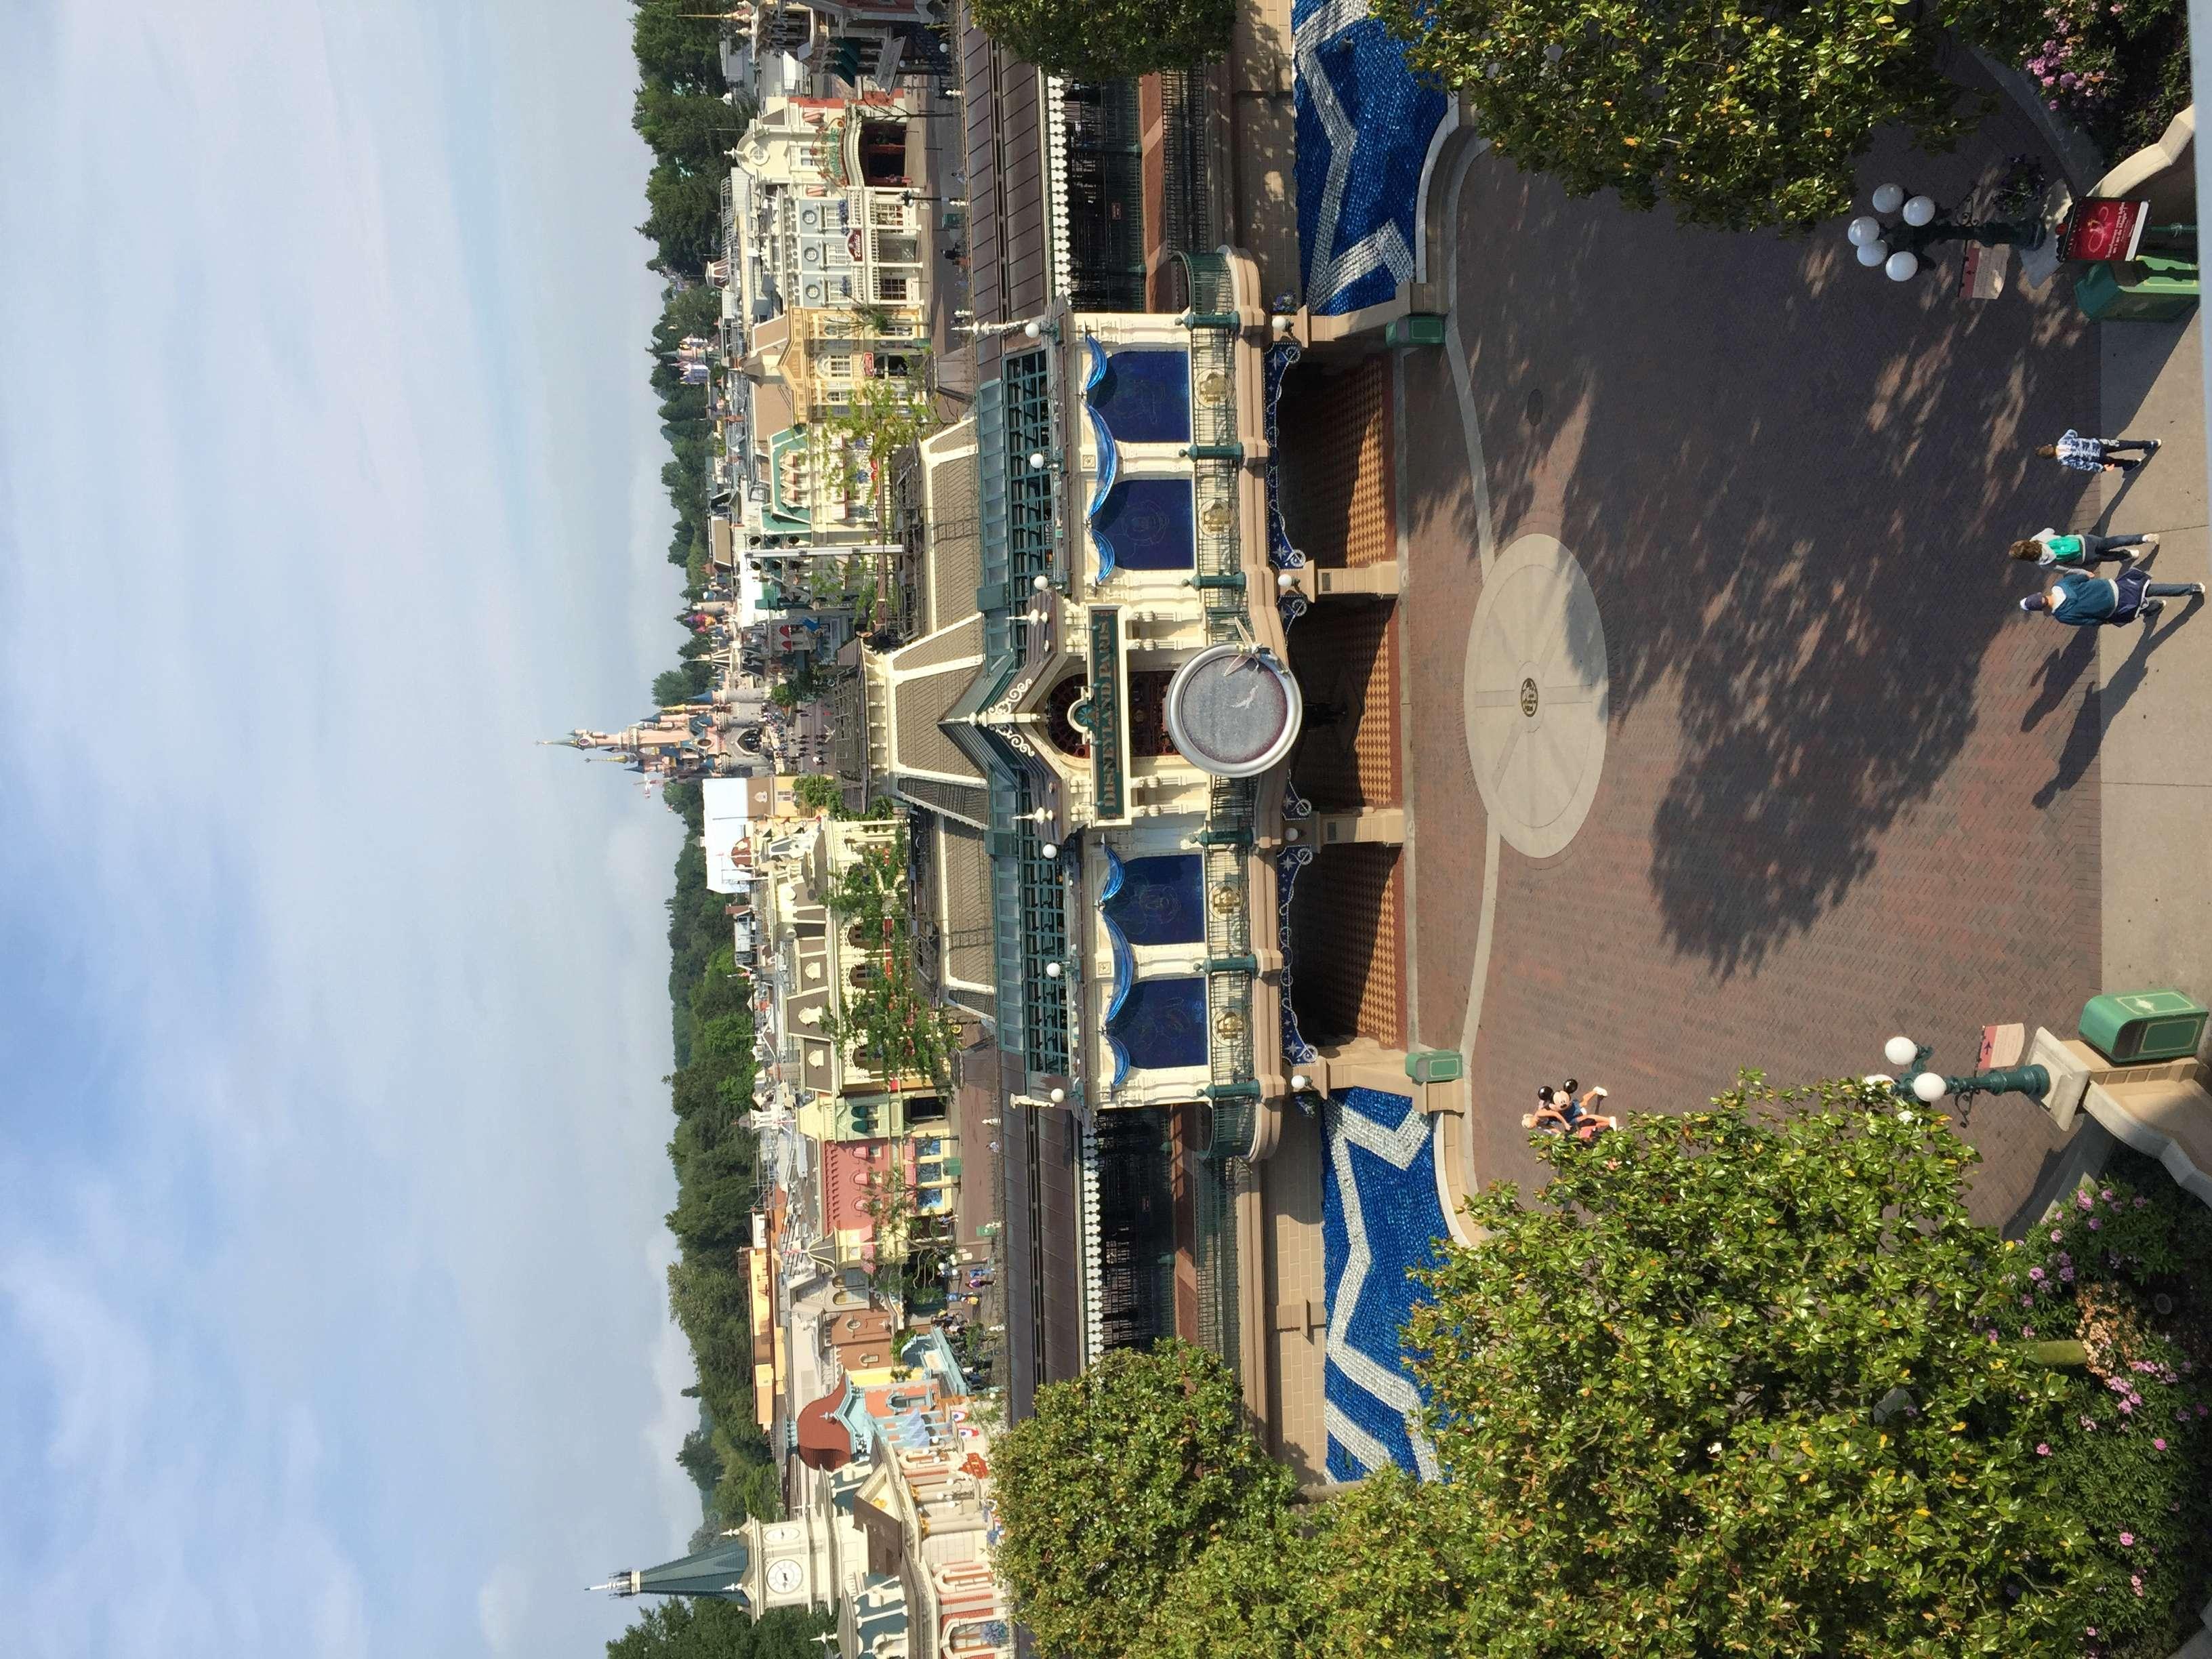 Avez vous déjà obtenu un surclassement dans un hôtel Disney - Page 32 4413f510